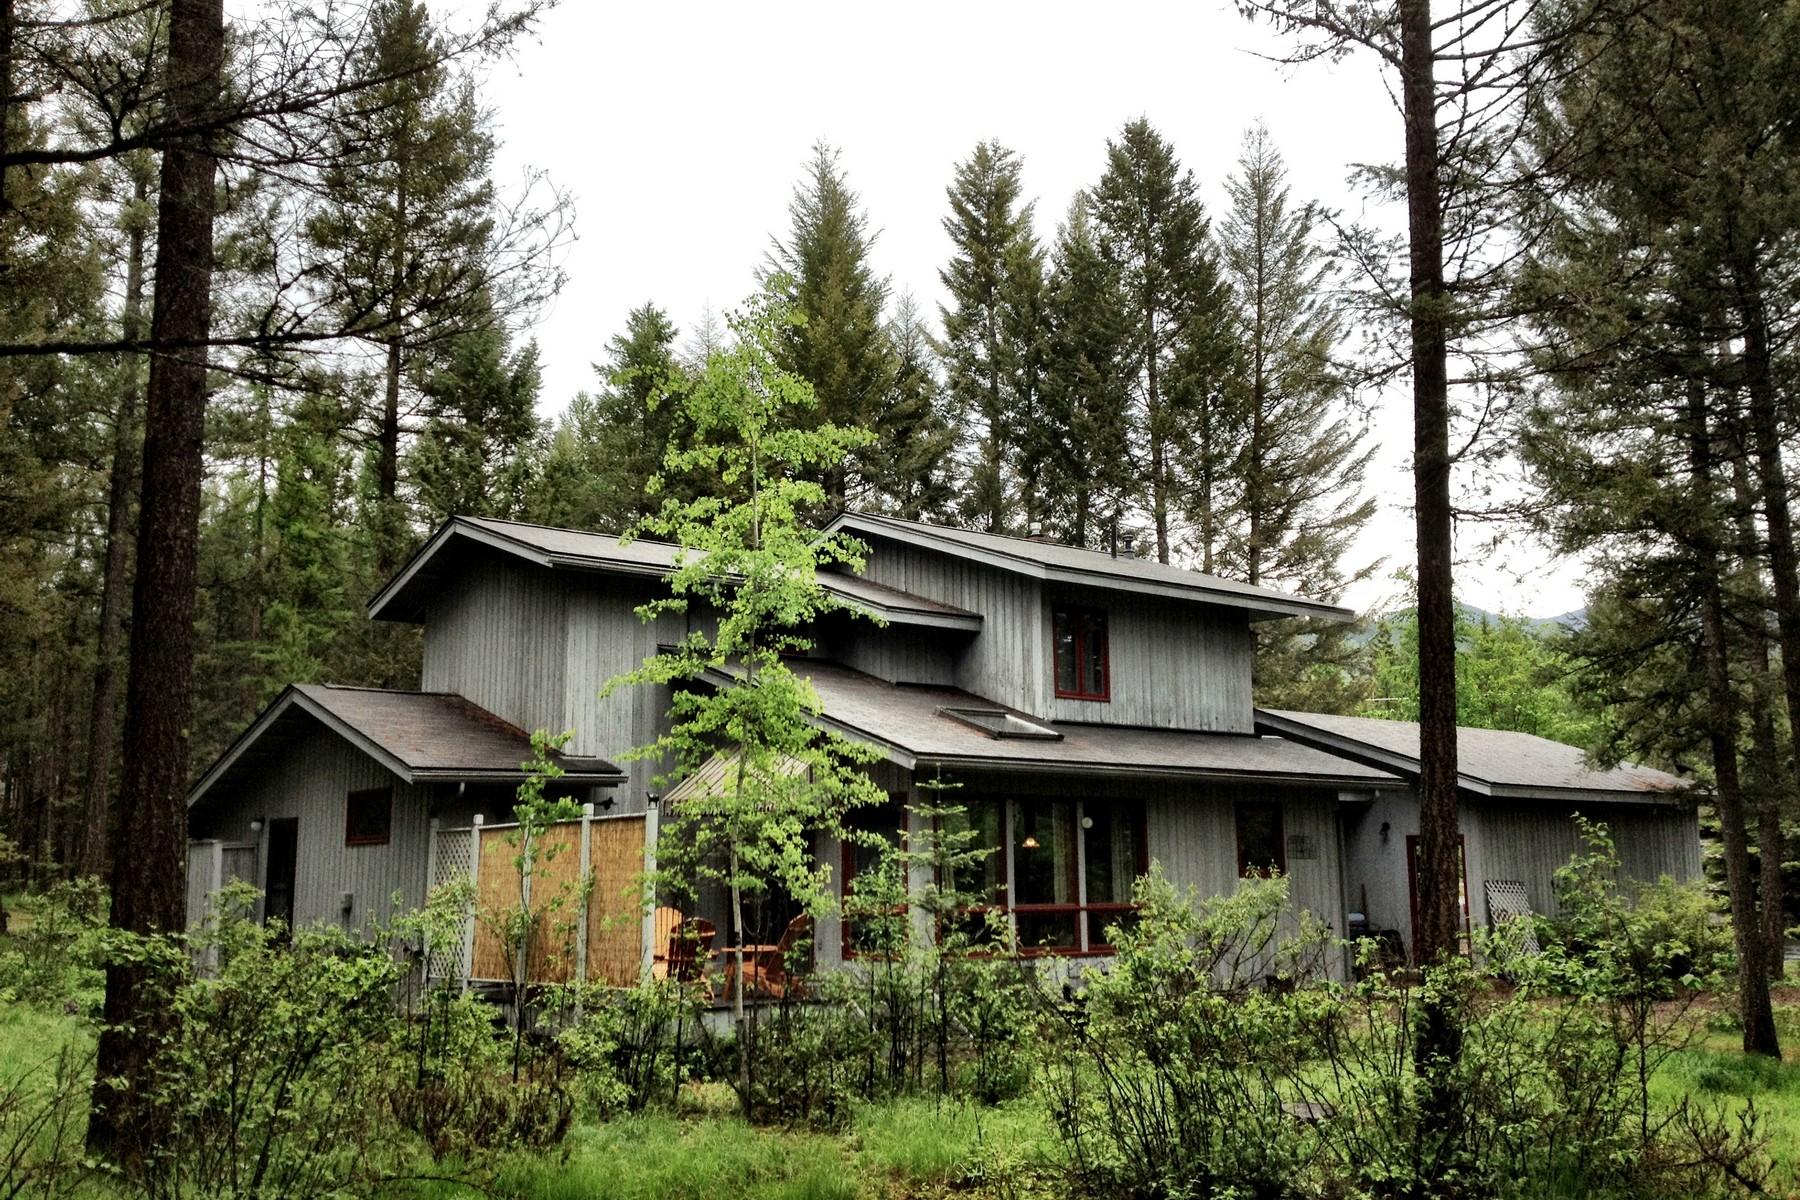 Casa Unifamiliar por un Venta en Houston Point Charmer 2260 Houston Point Dr Whitefish, Montana, 59937 Estados Unidos